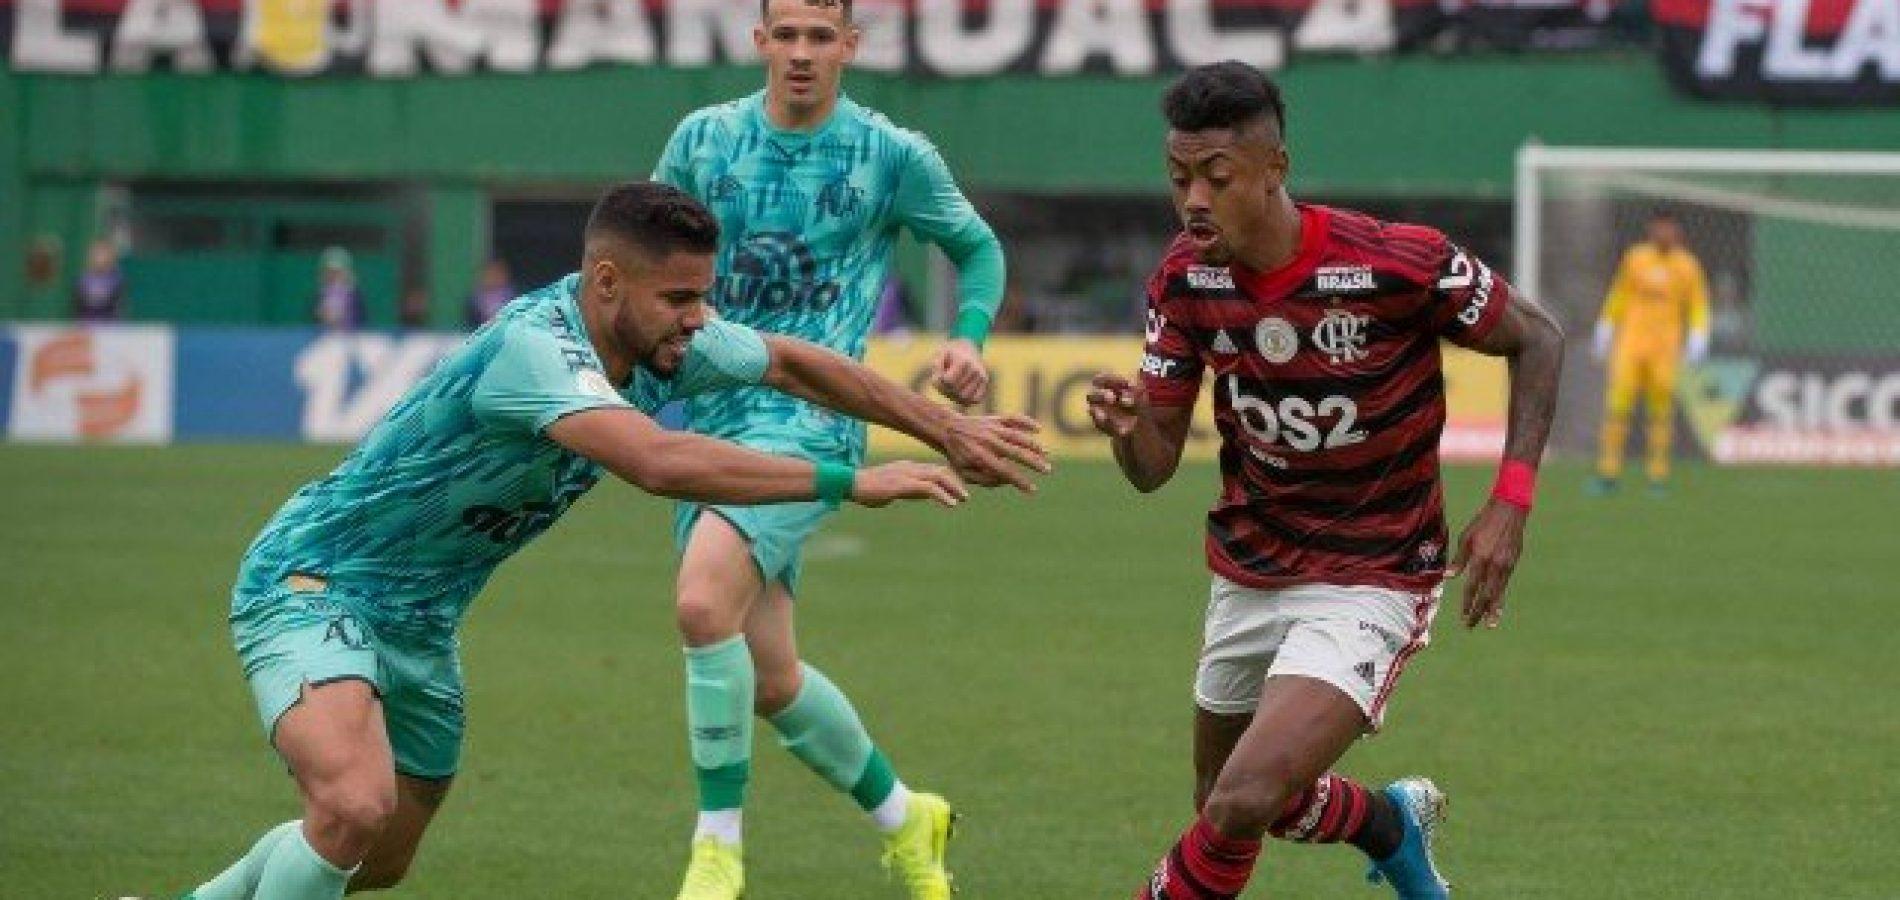 Cada vez mais líder, Flamengo se fecha para superar 'cansaço normal' e desfalques